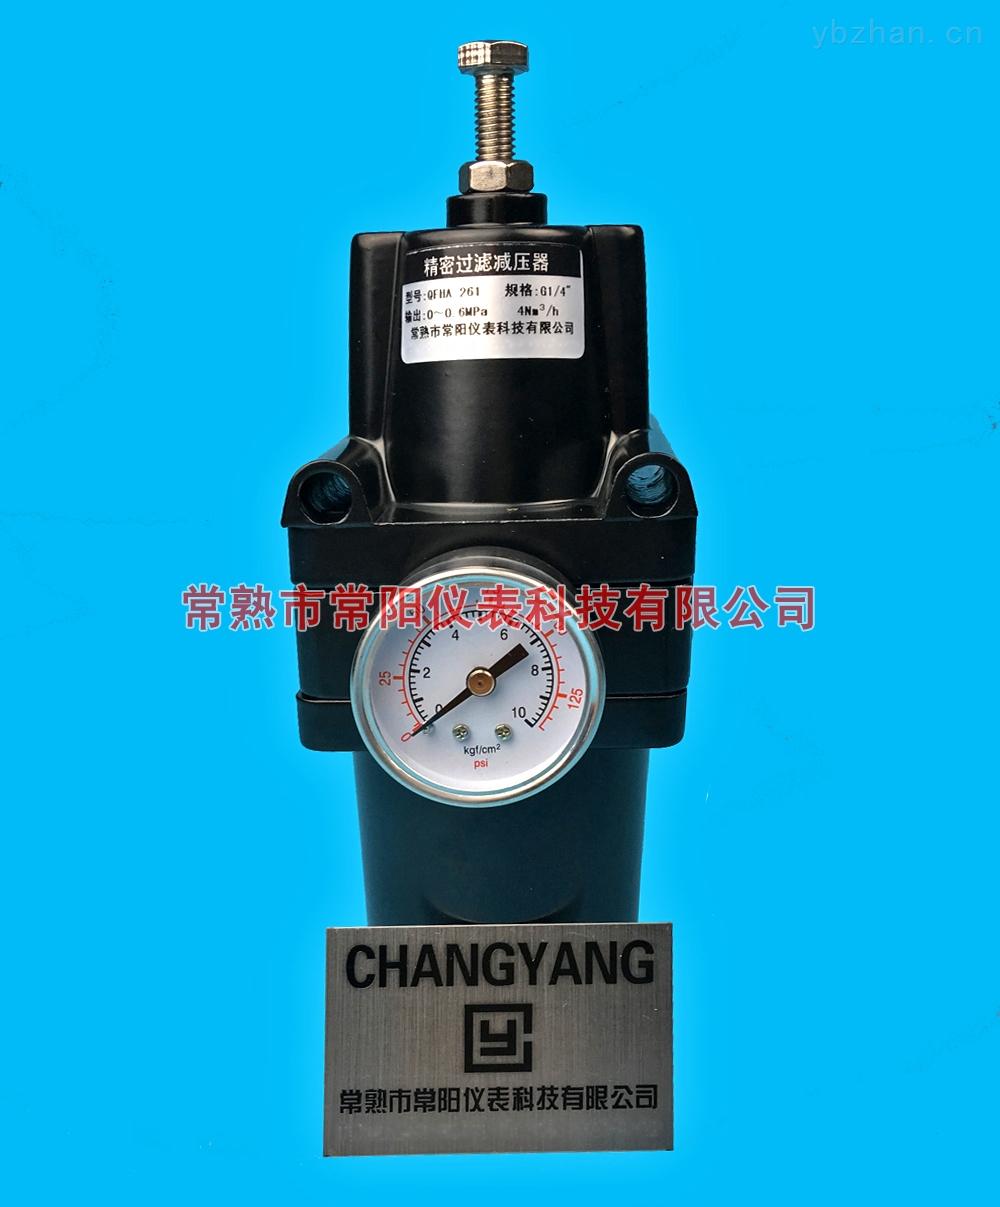 精密空氣過濾減壓器,QFHA精密過濾調壓閥